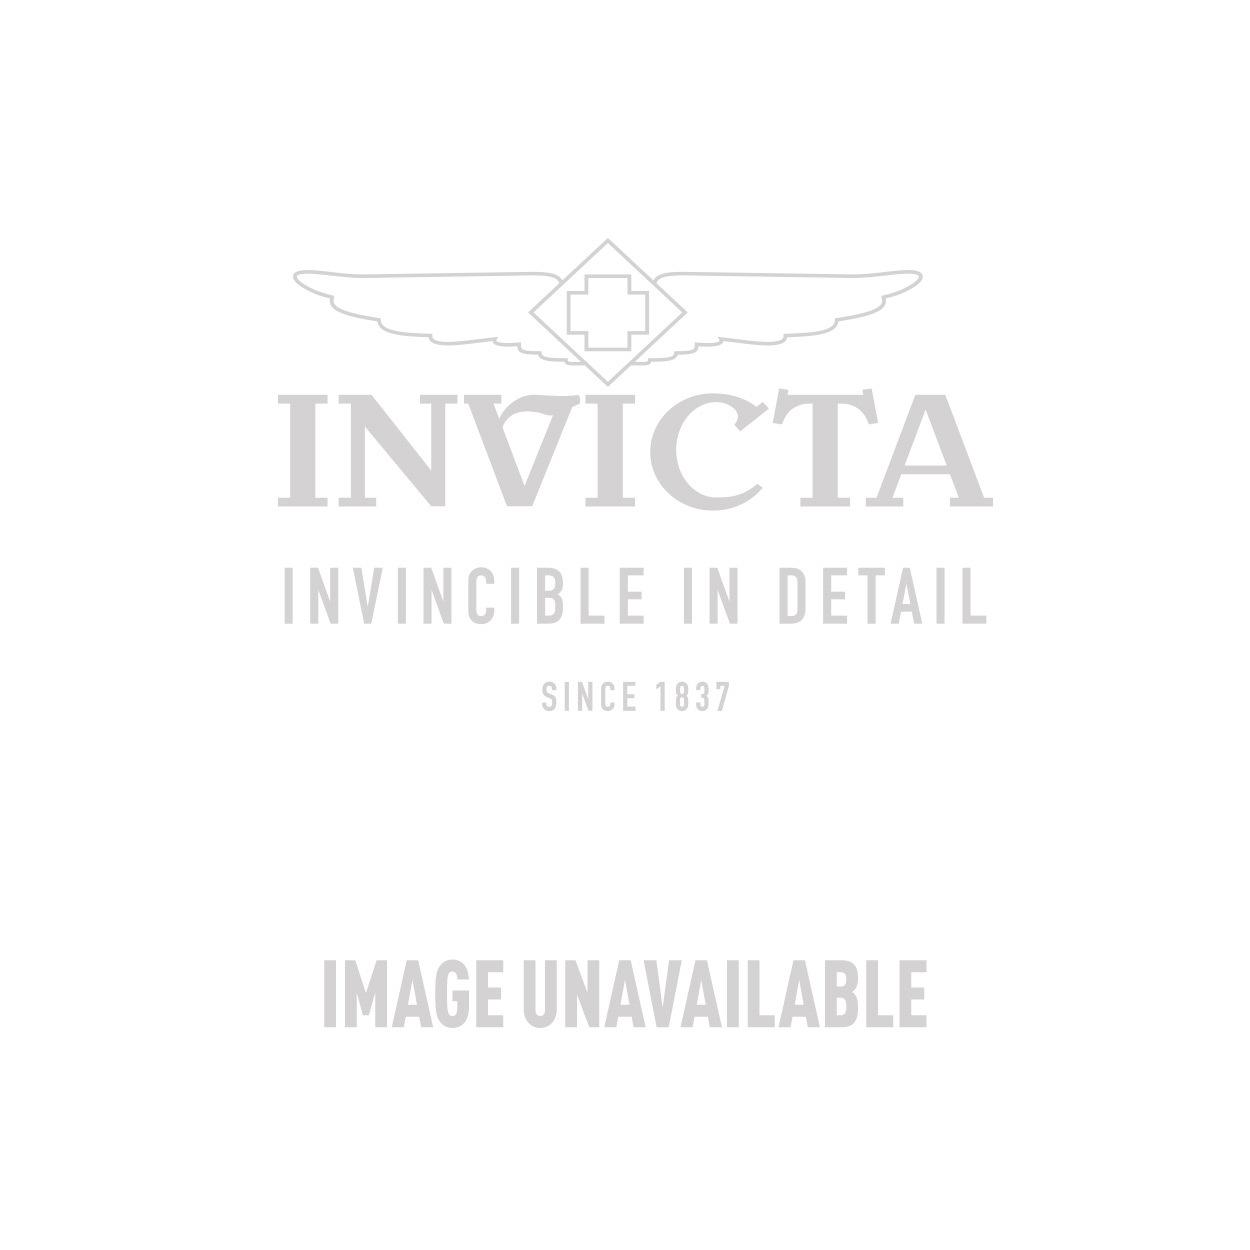 Invicta Model 28830